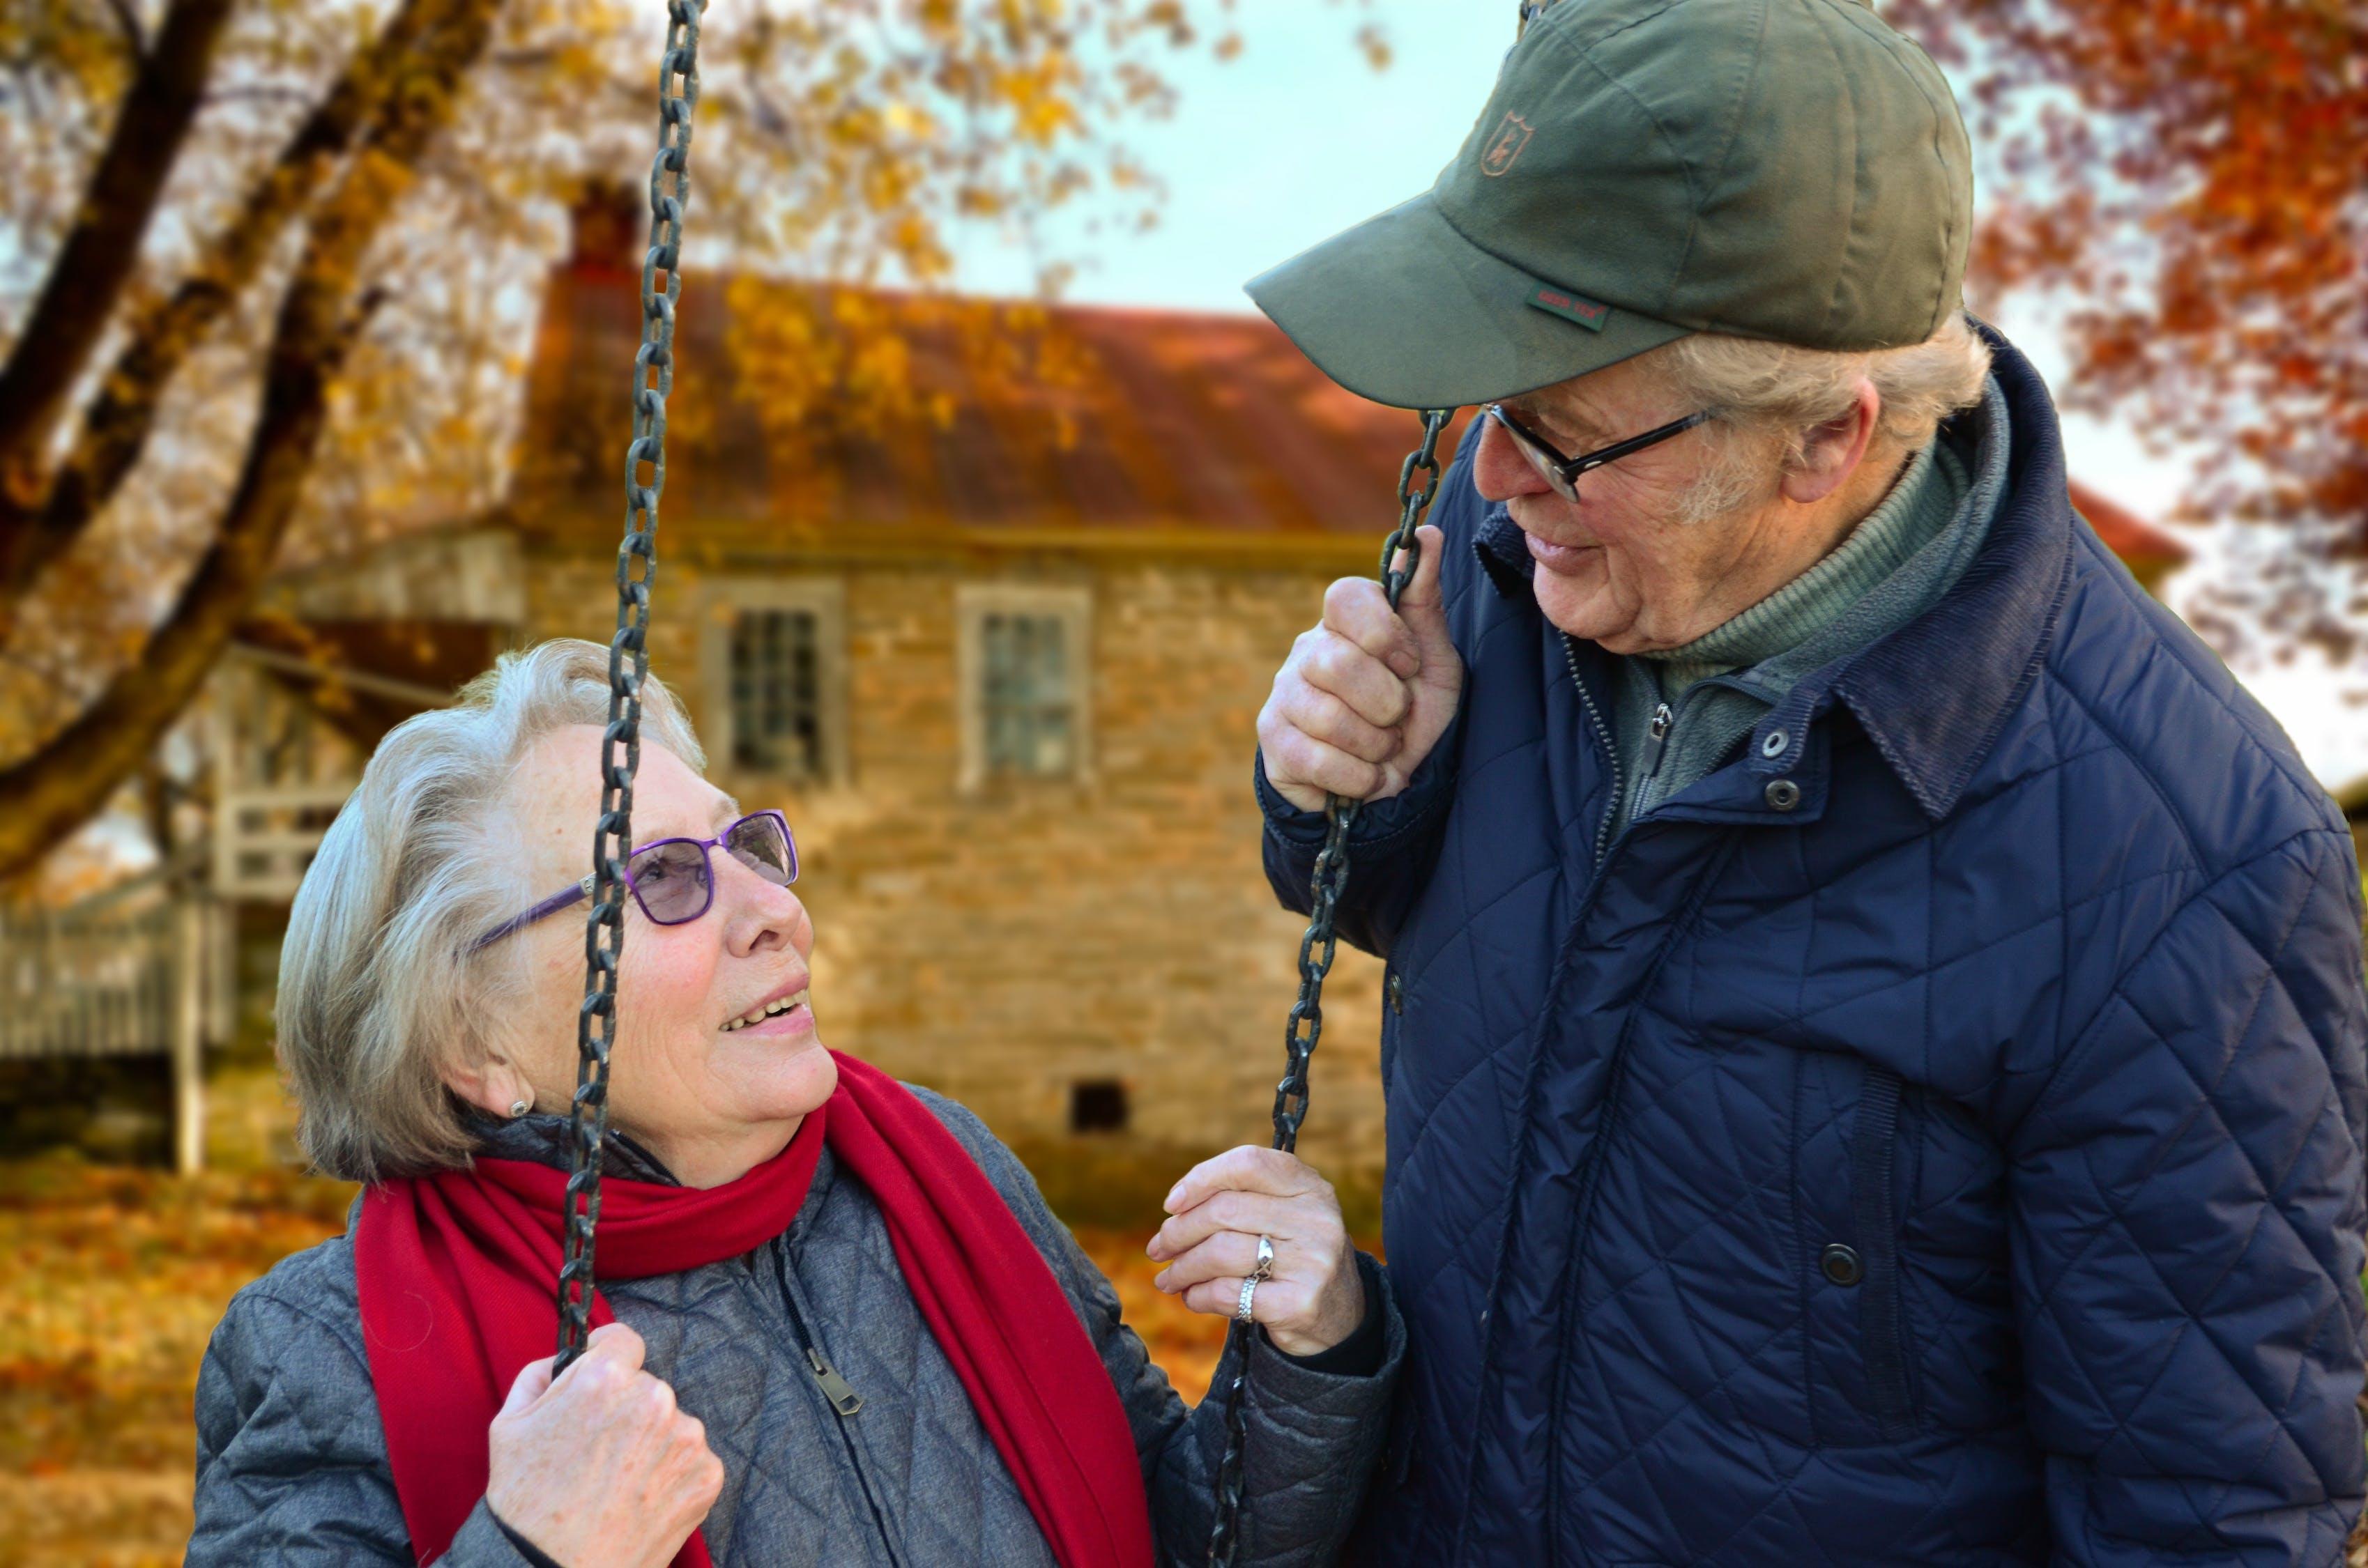 Man Standing Beside Woman on Swing